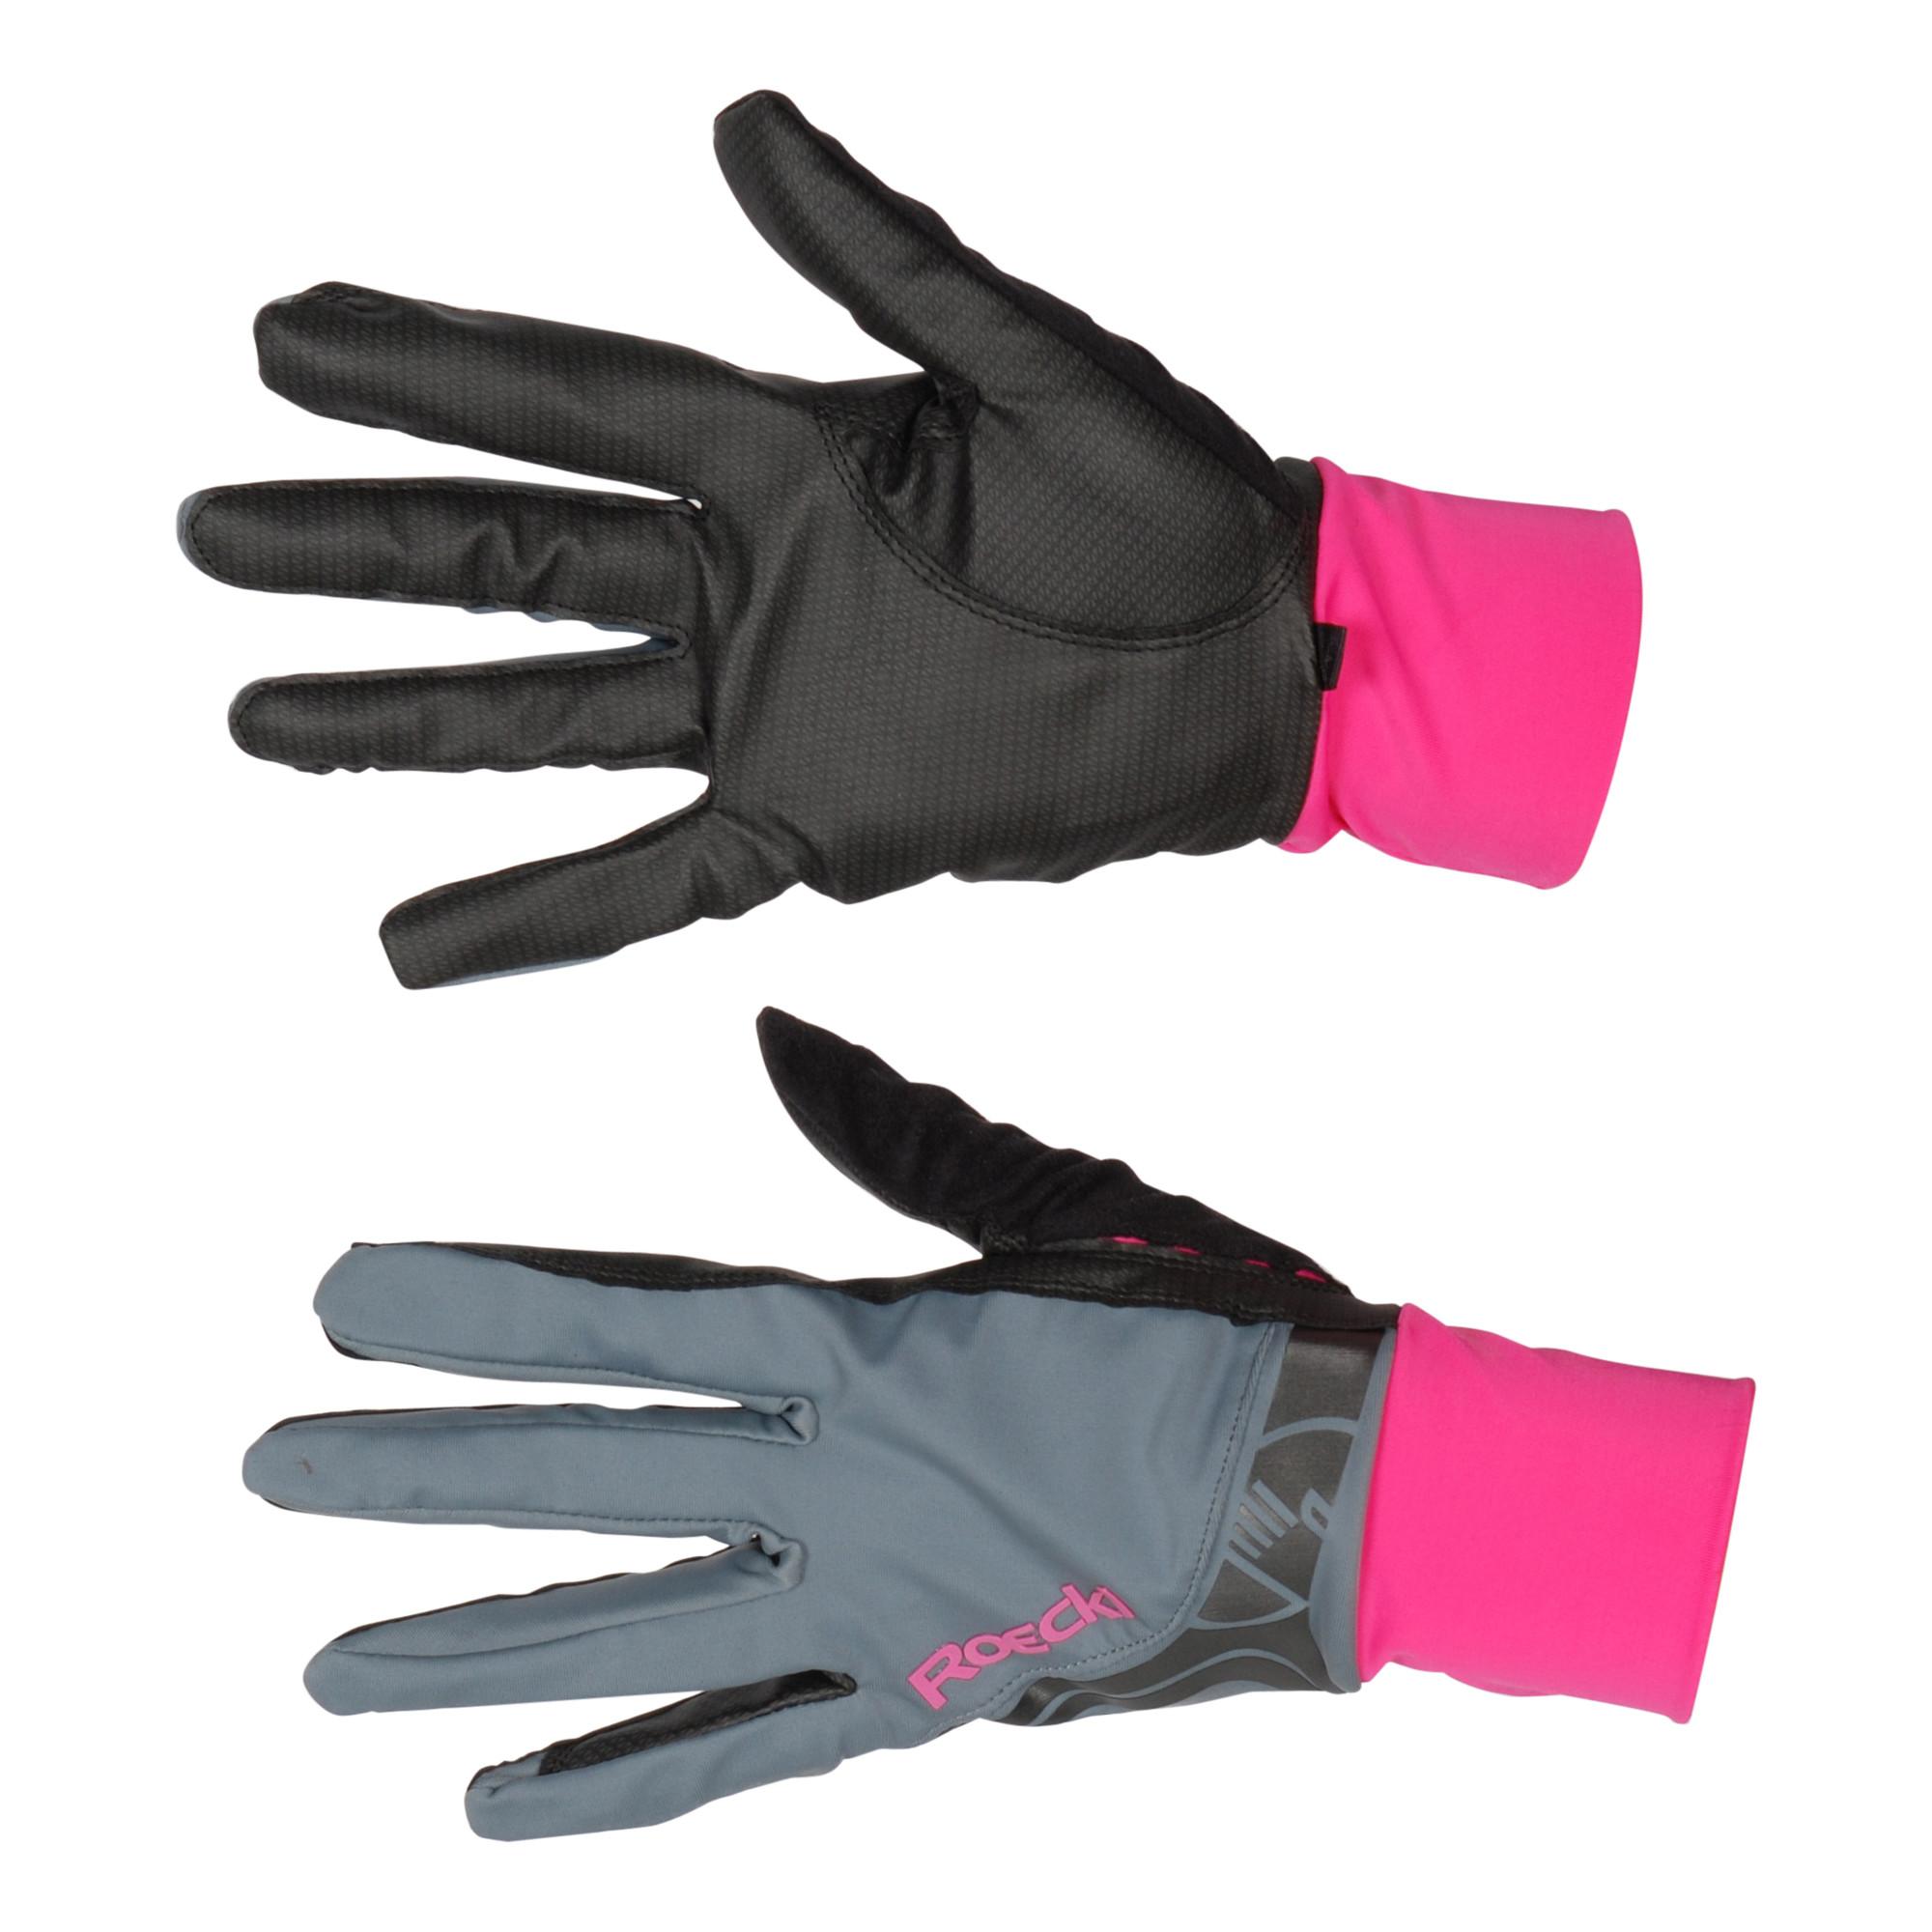 Roeckl Melbourne handschoen grijs maat:8